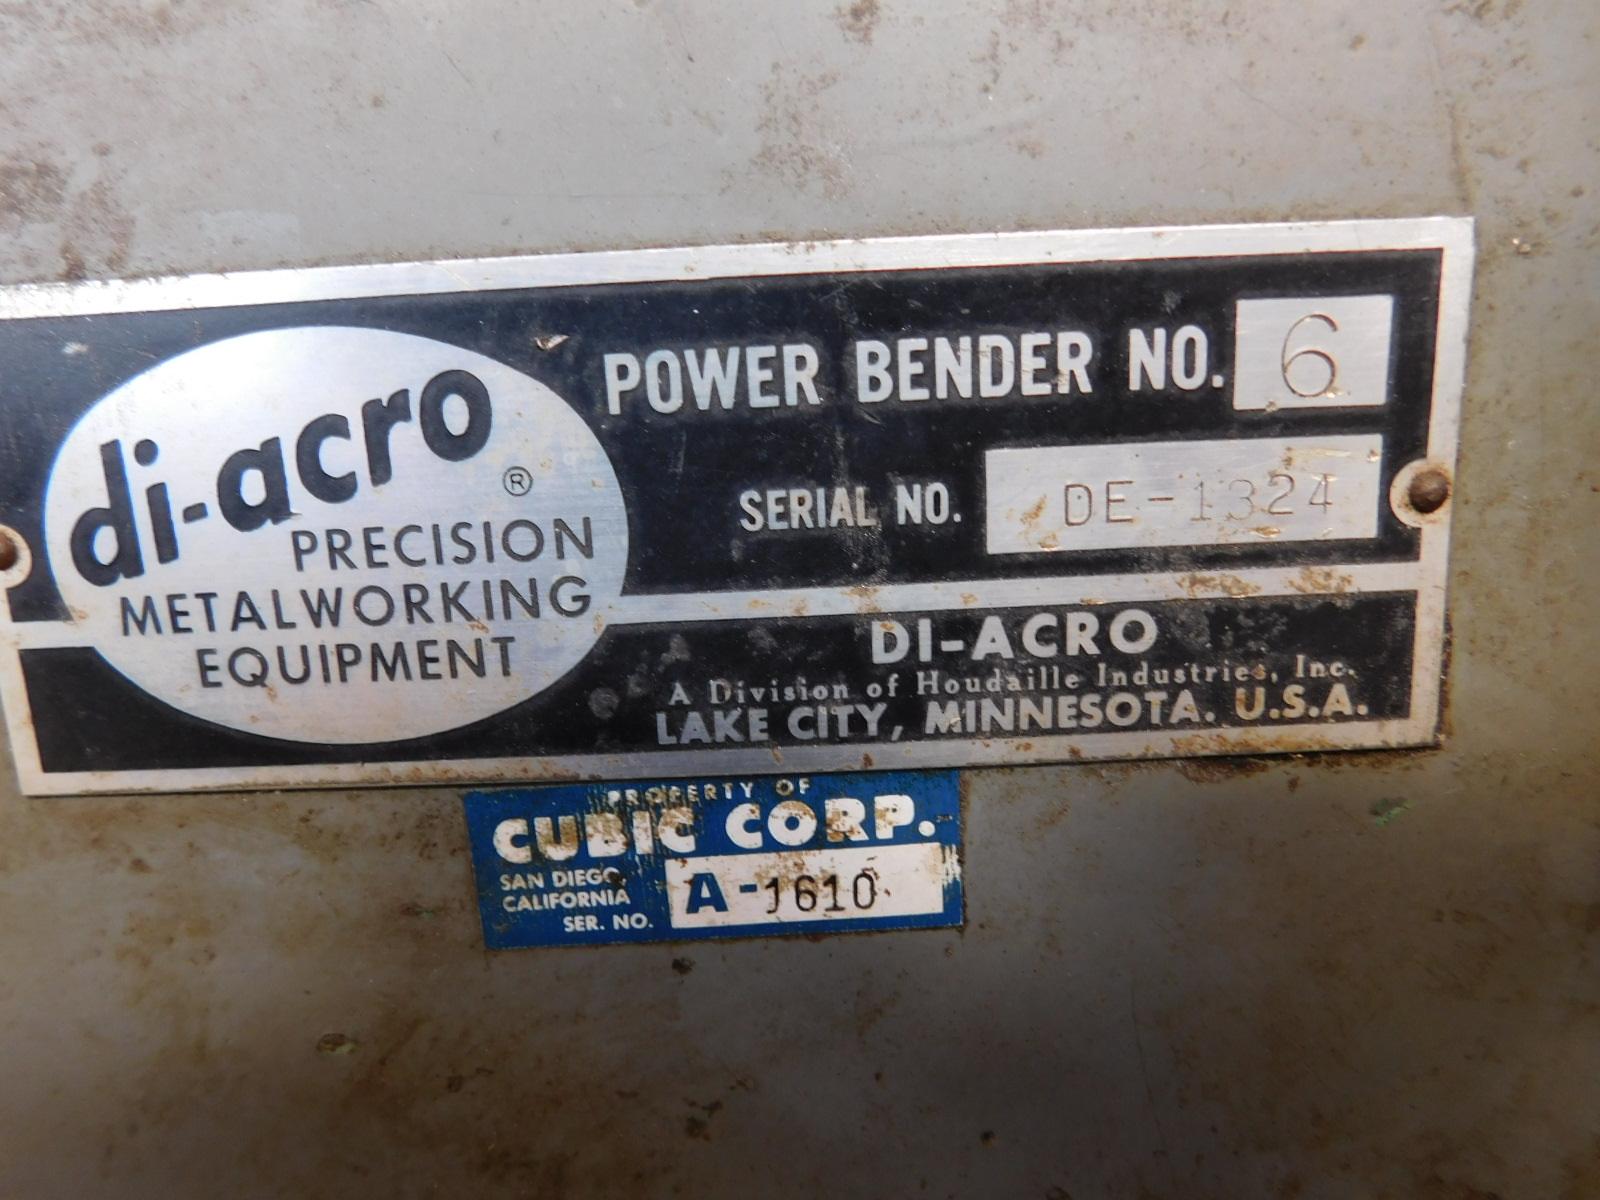 Lot 39 - DI-ACRO TUBE BENDER, POWER BENDER NO. 6, S/N DE-1324